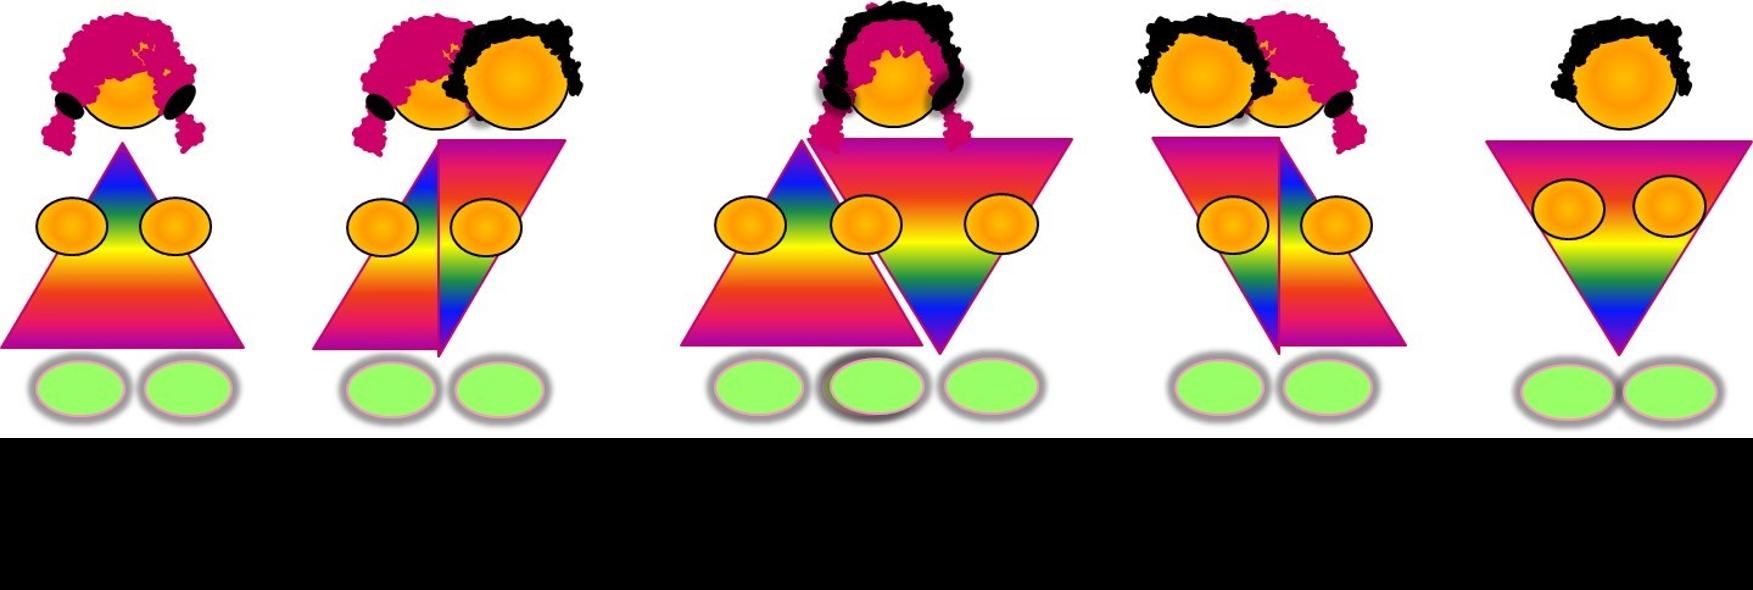 los cinco tipos de sexo que existen macho hembra intersexuales intersexuales con características masculinas e intersexuales con características femeninas